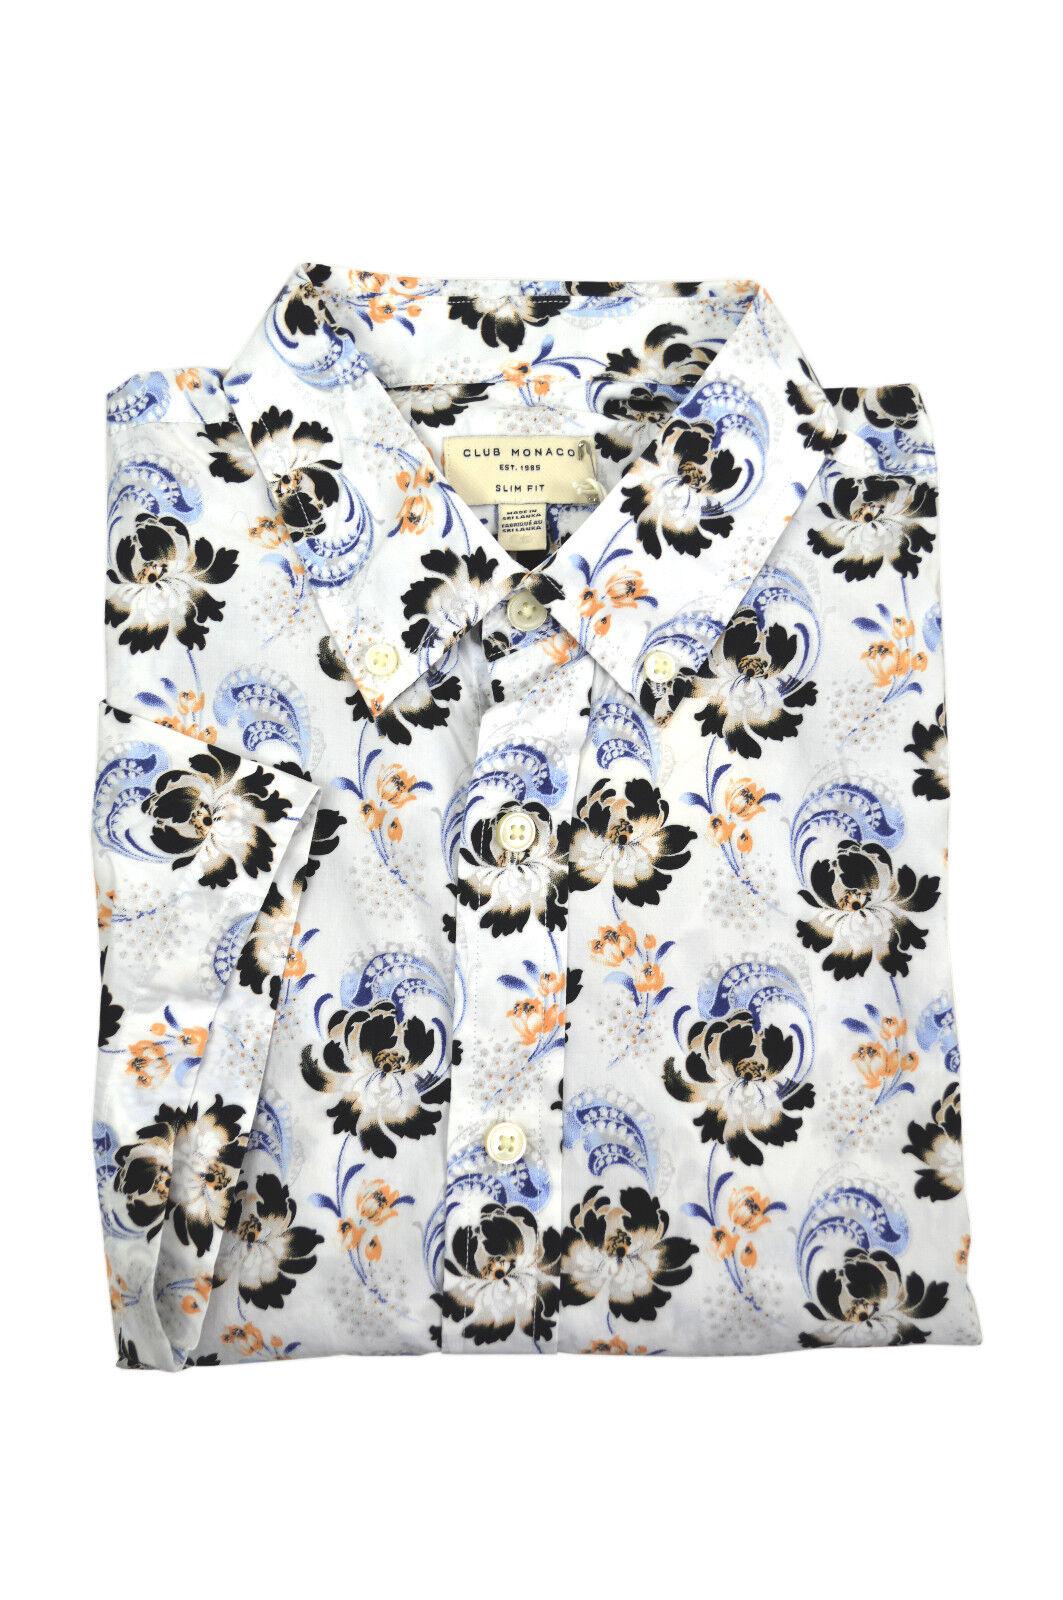 9f85fed45 Club Monaco Mens White Multi Floral Slim Fit Button Down Shirt Medium M  3574-4